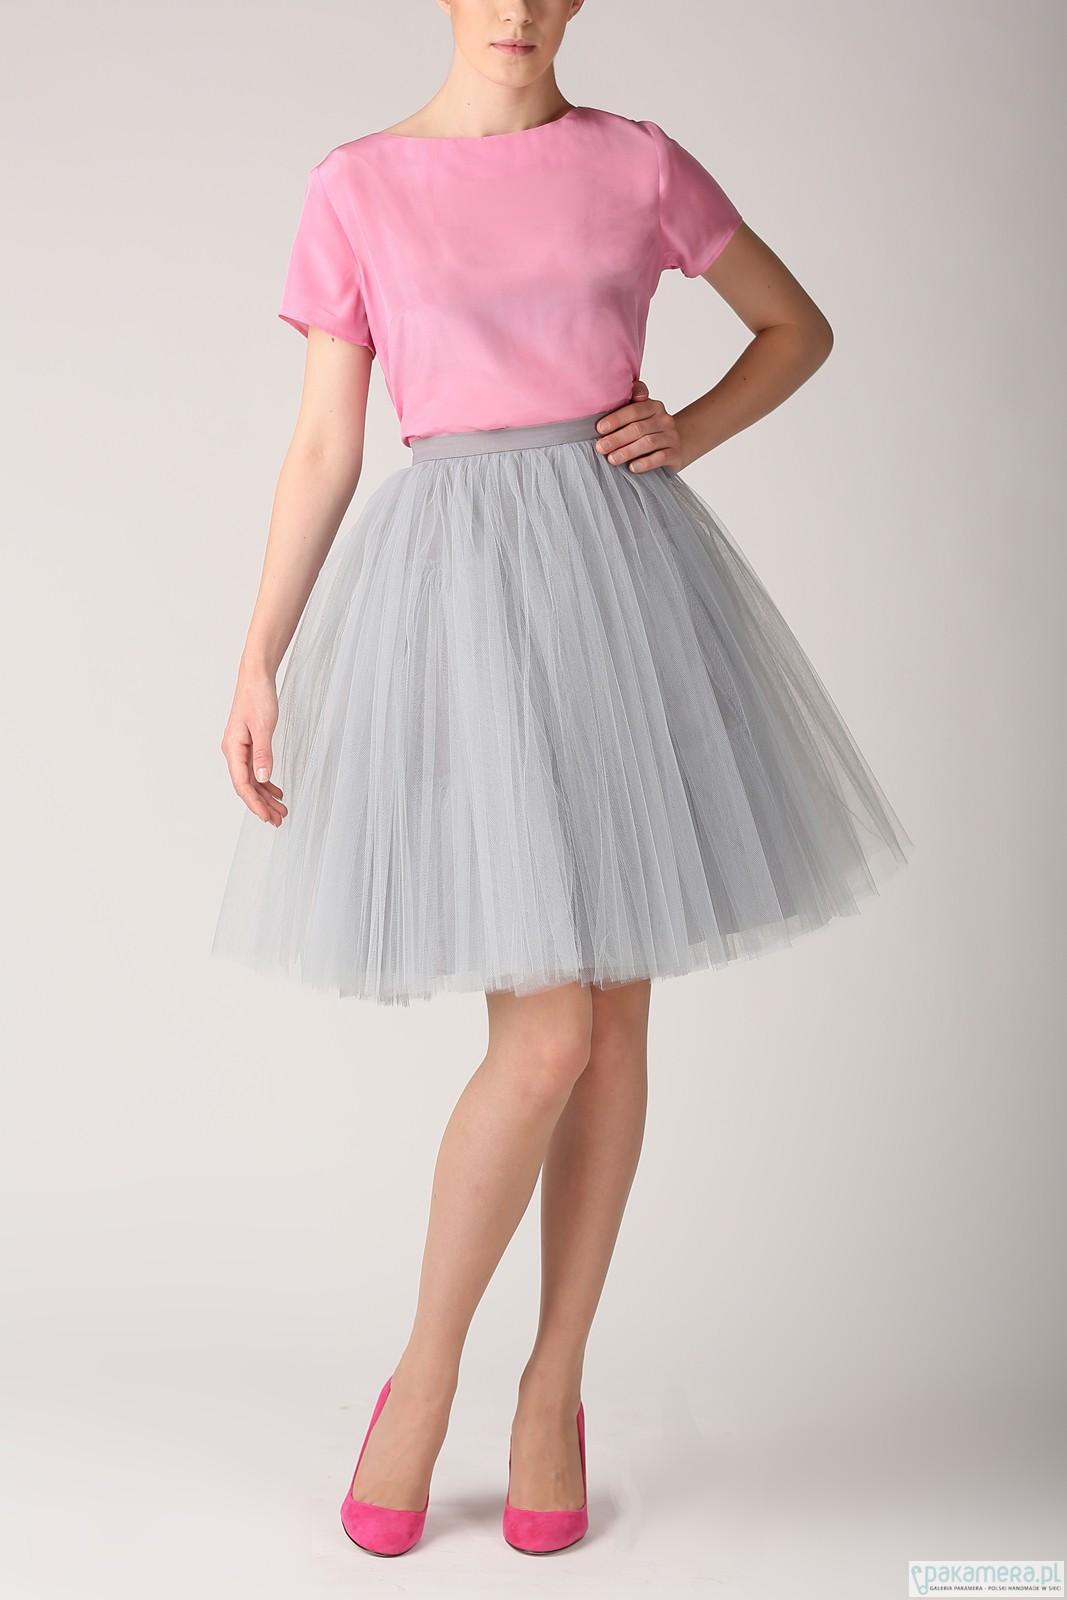 Spódnica tiulowa szara S031 na zamówienie spódnice